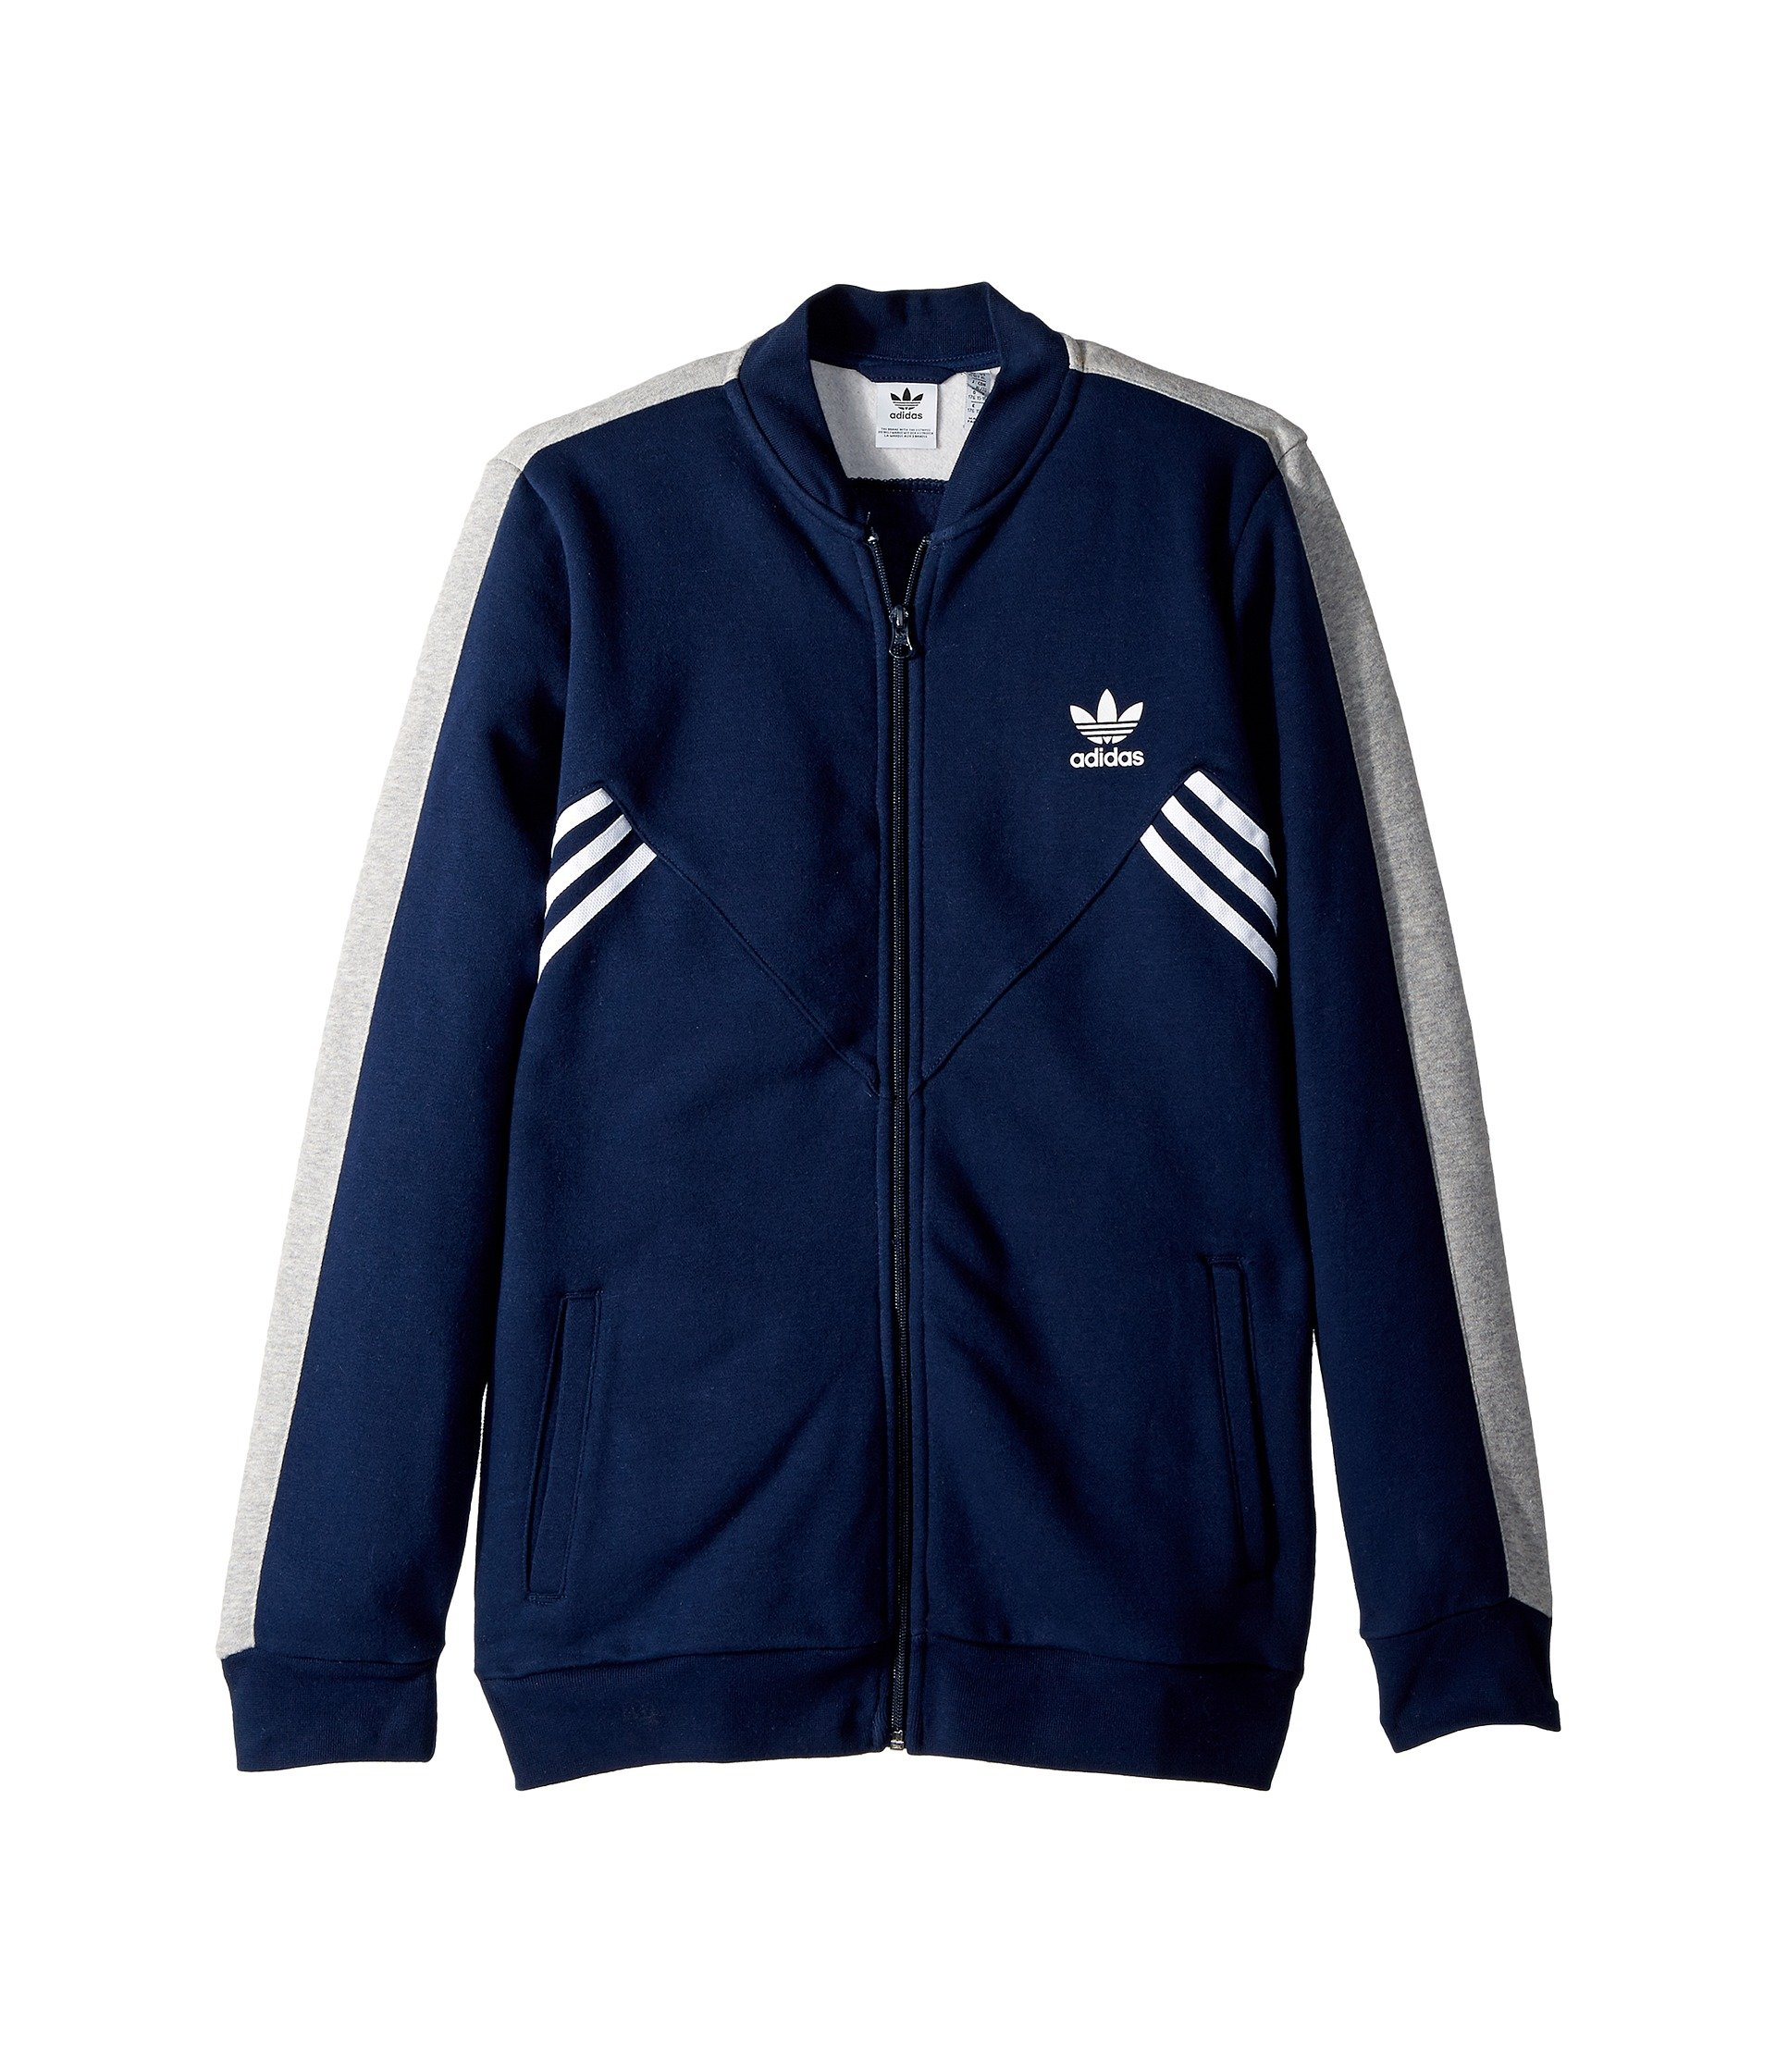 adidas Originals Kids Boy's Zigzag Track Jacket (Little Kids/Big Kids) Collegiate Navy/Medium Grey Heather/White Large